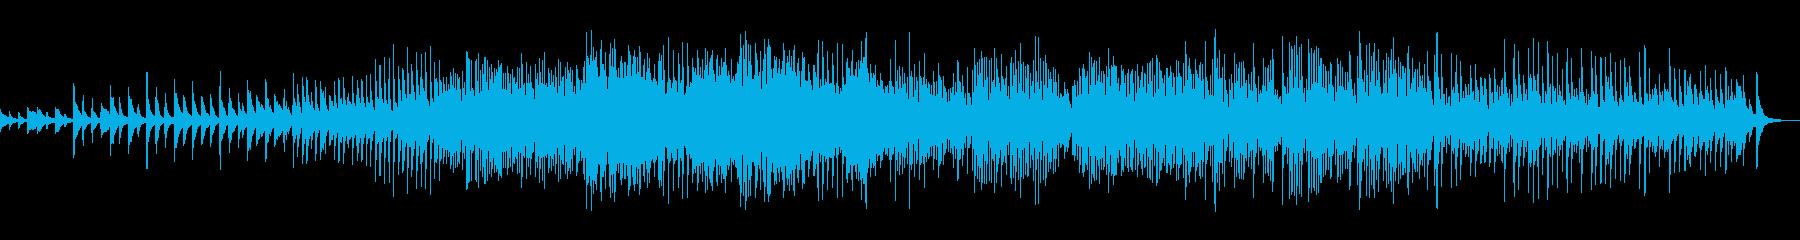 琴が奏でる和風パッヘルベルのカノンの再生済みの波形